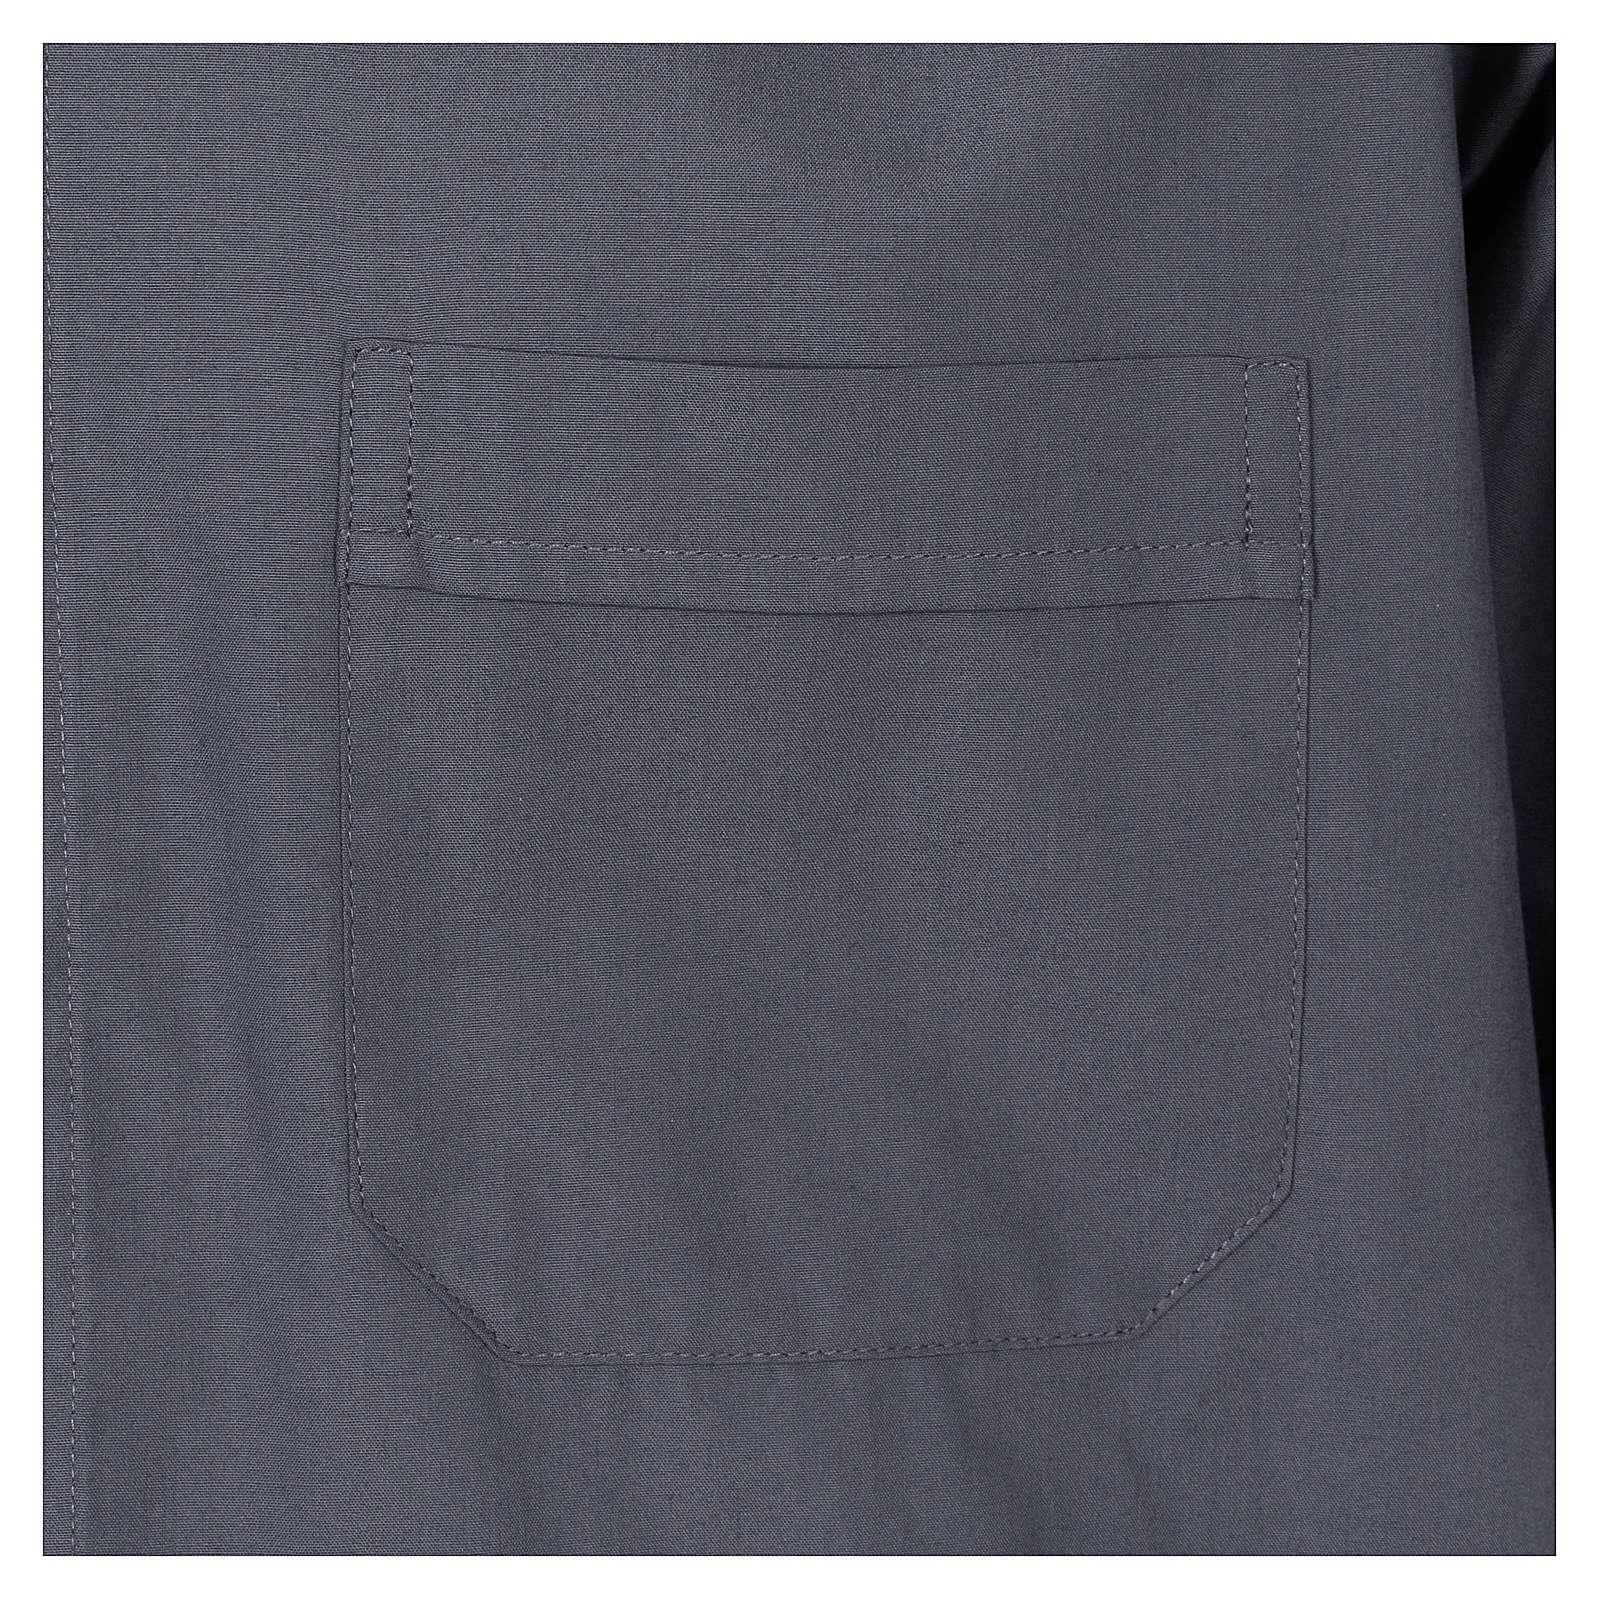 Camisa Cuello Clergy manga corta mixto gris oscuro In Primis 4